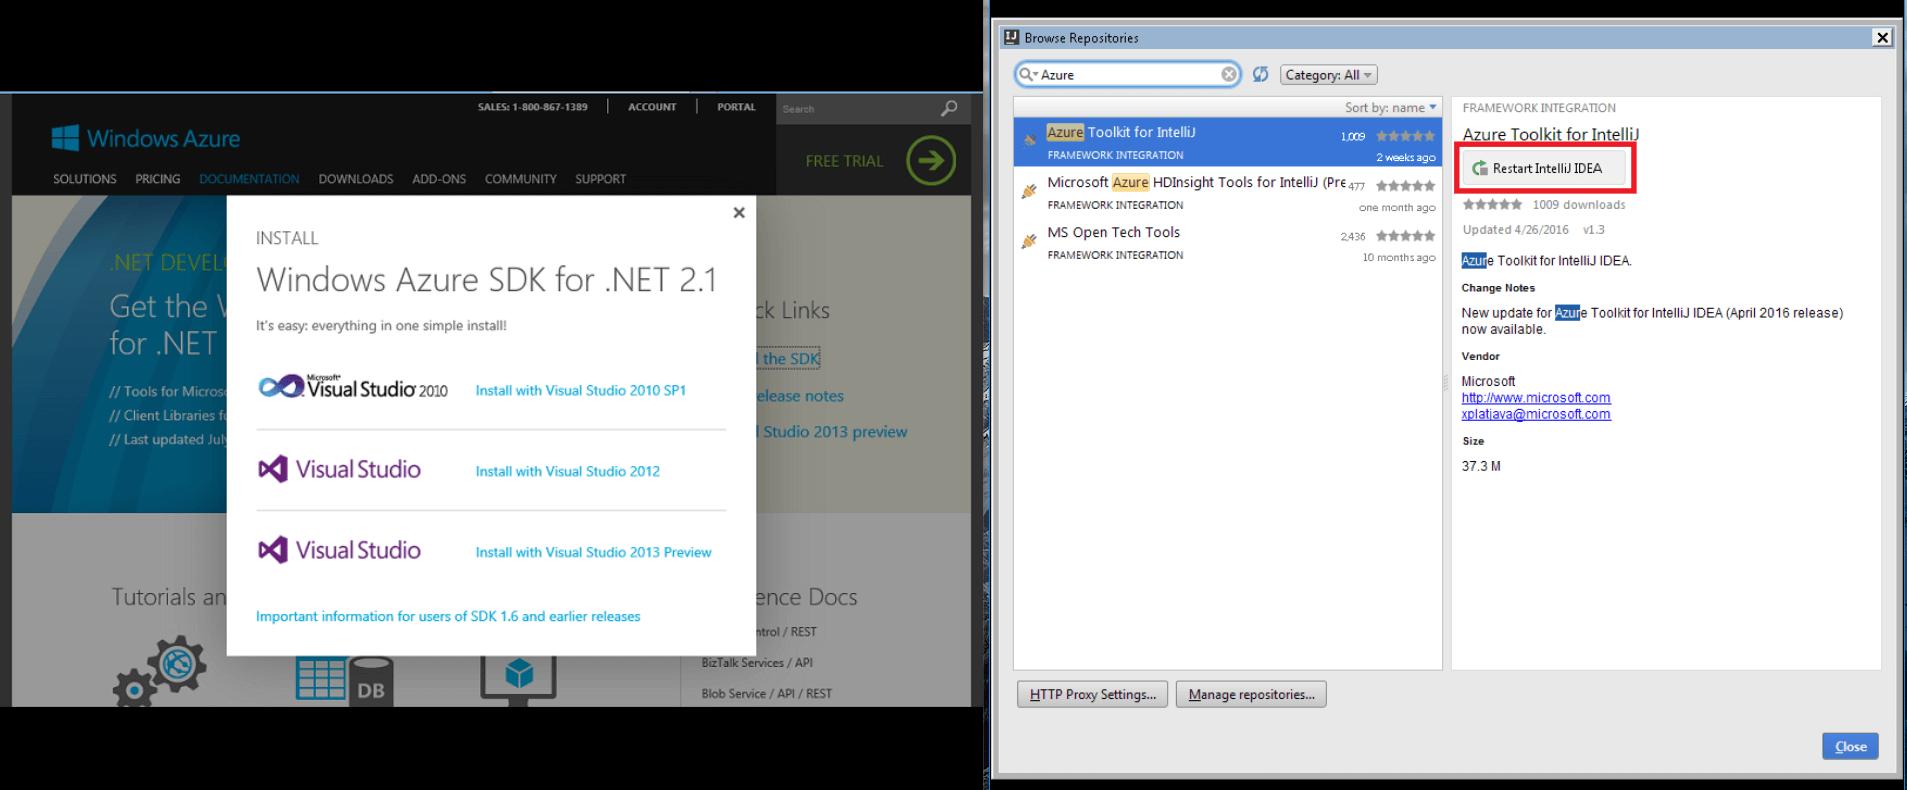 Azure-App-Service-ide-integration